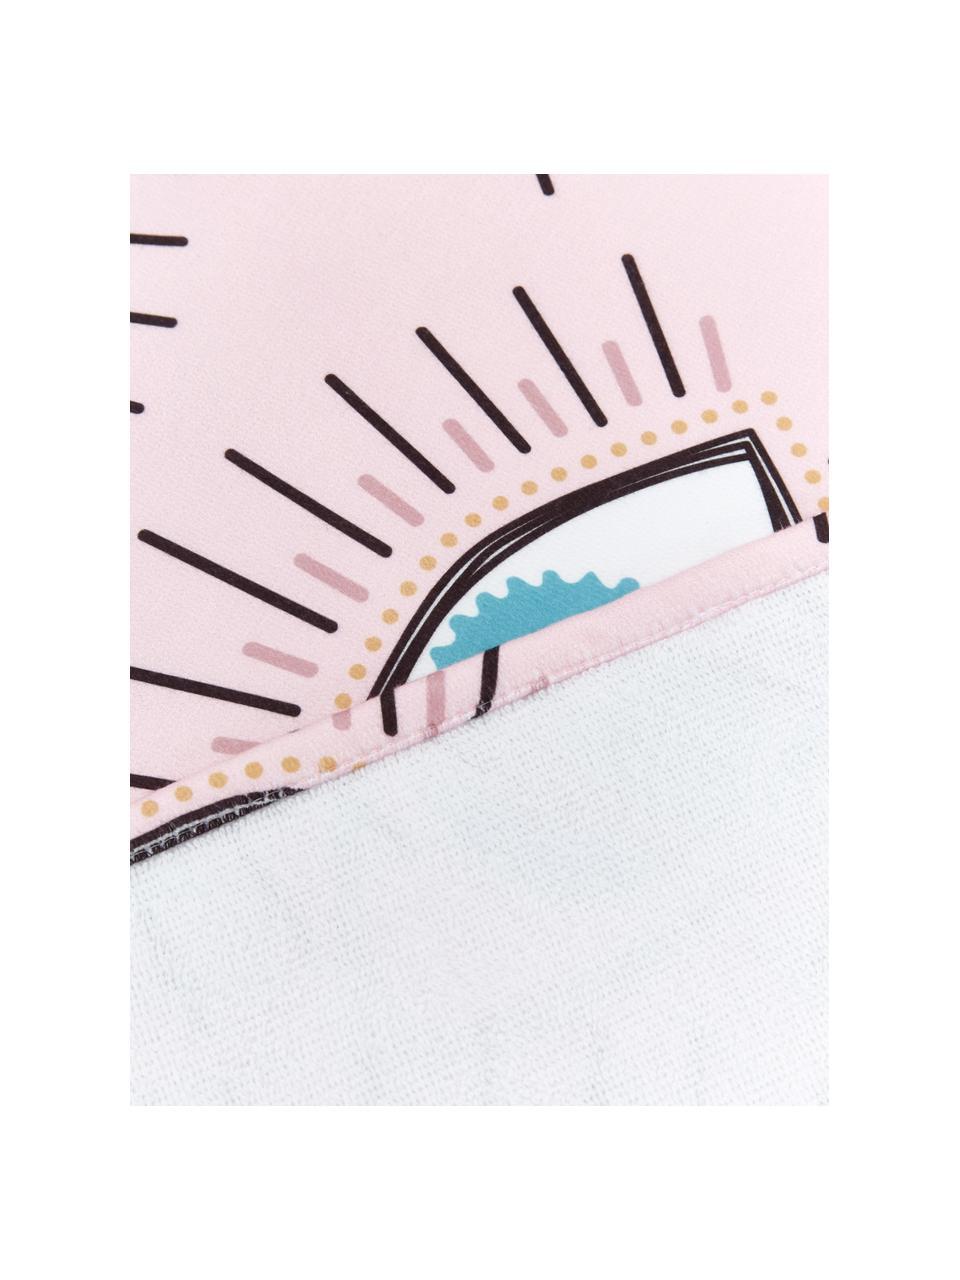 Leichtes Strandtuch Eyes mit Augenmotiven, 55% Polyester, 45% Baumwolle Sehr leichte Qualität, 340 g/m², Rosa, Mehrfarbig, 70 x 150 cm